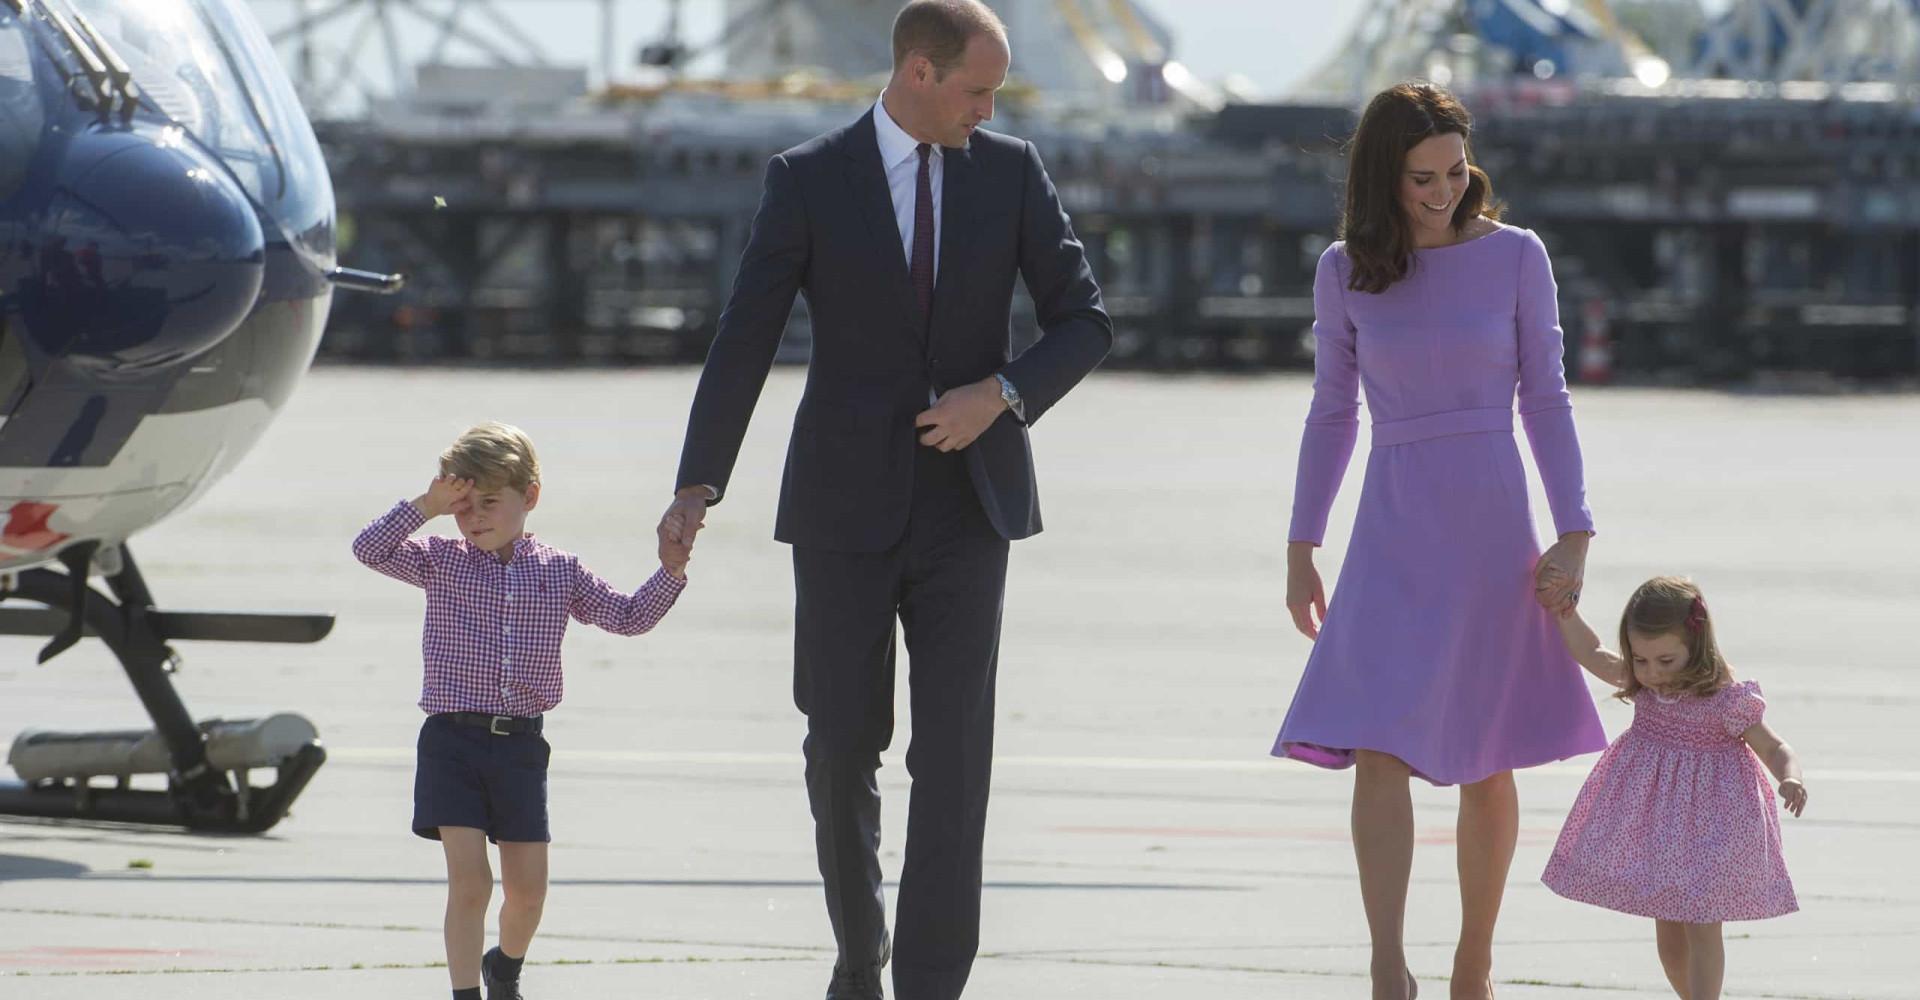 Pourquoi le Prince George ne peut pas voyager avec la petite Charlotte?